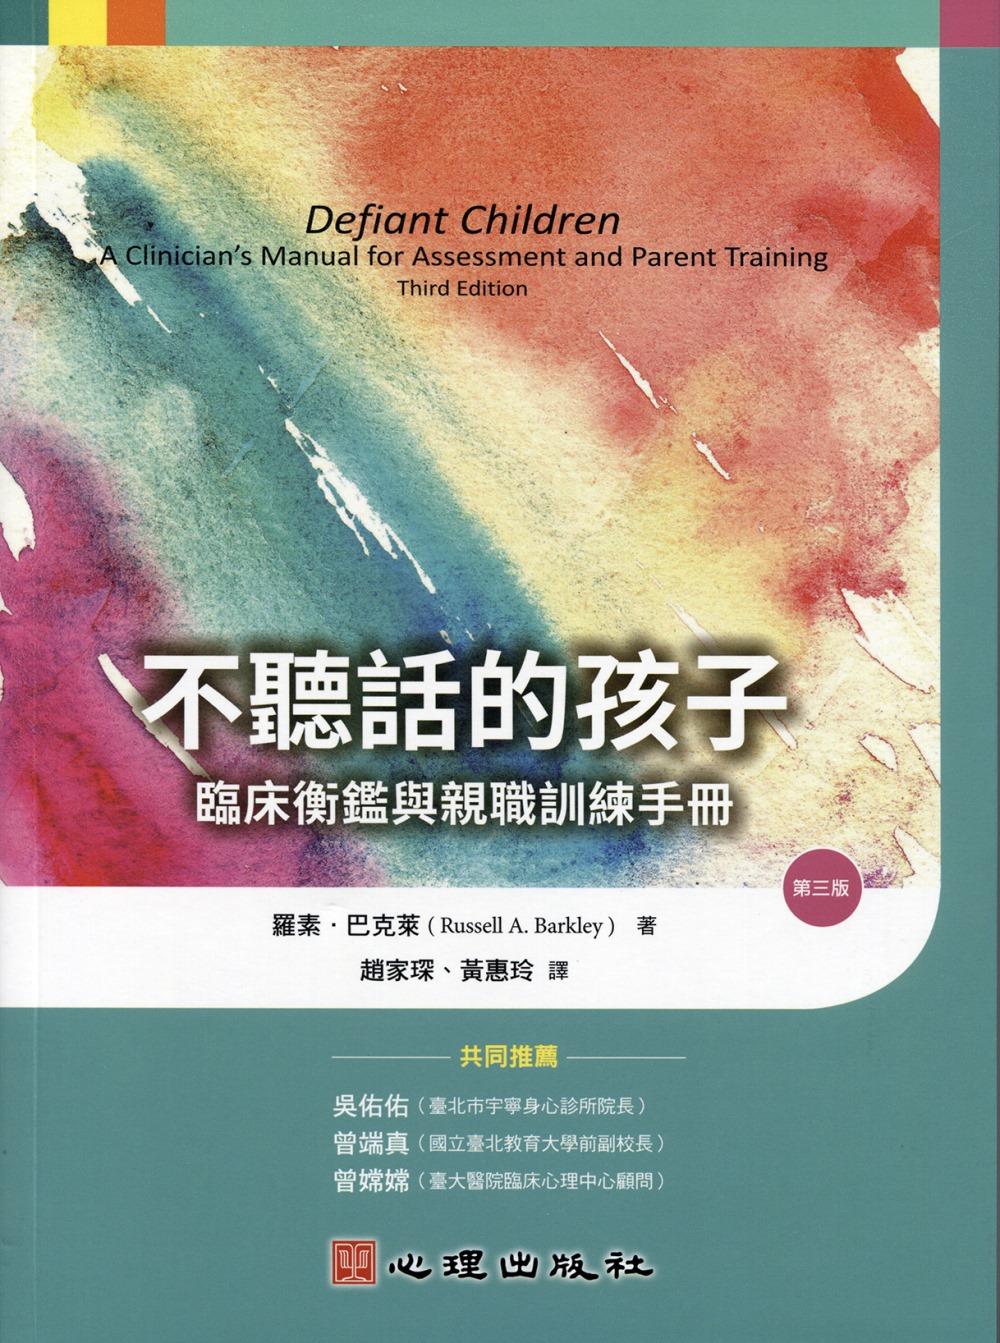 不聽話的孩子:臨床衡鑑與親職訓練手冊(第三版)